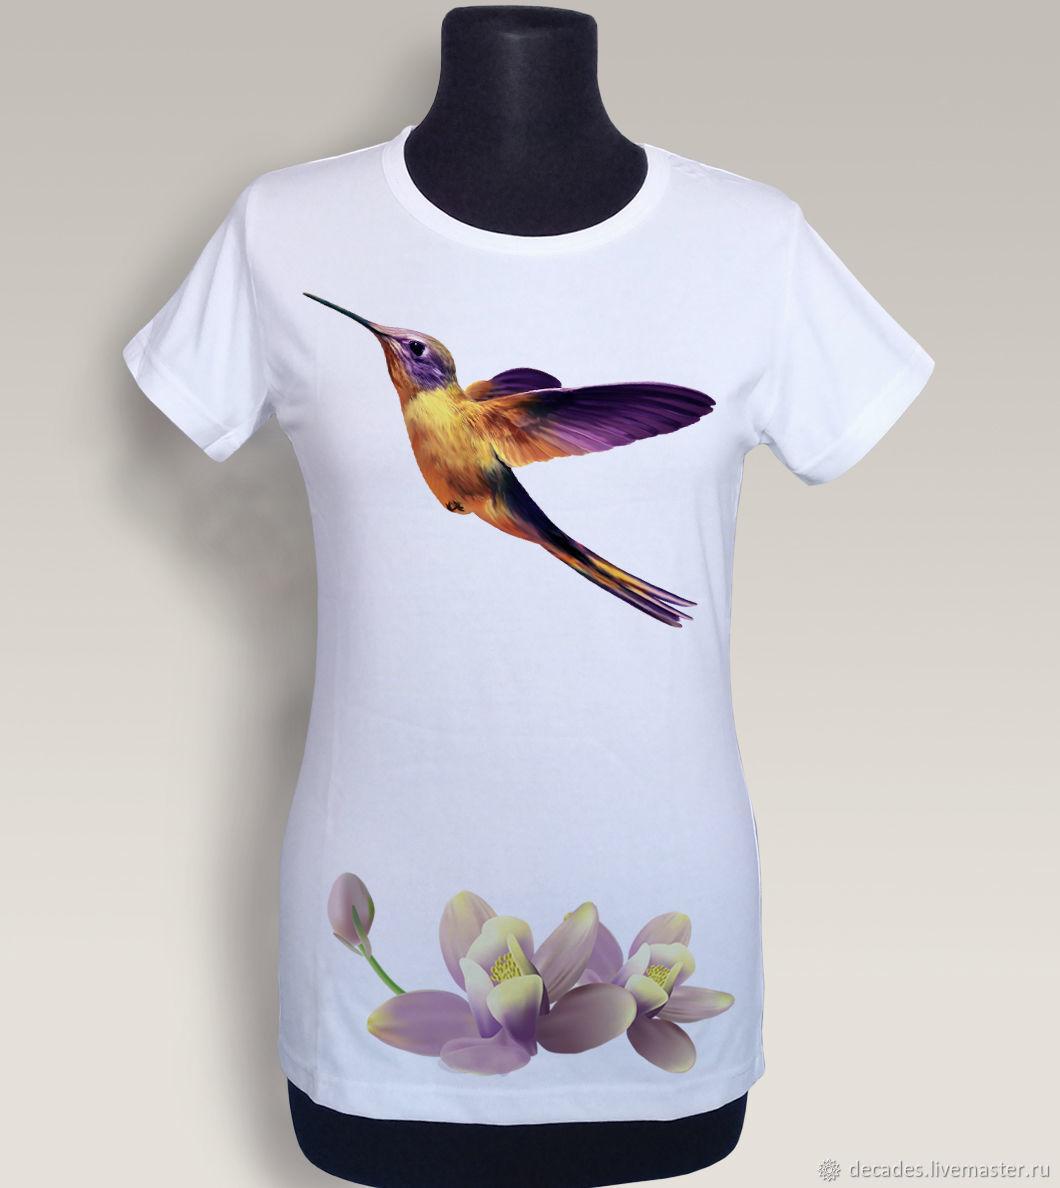 Hummingbird T-Shirt, T-shirts, Moscow,  Фото №1